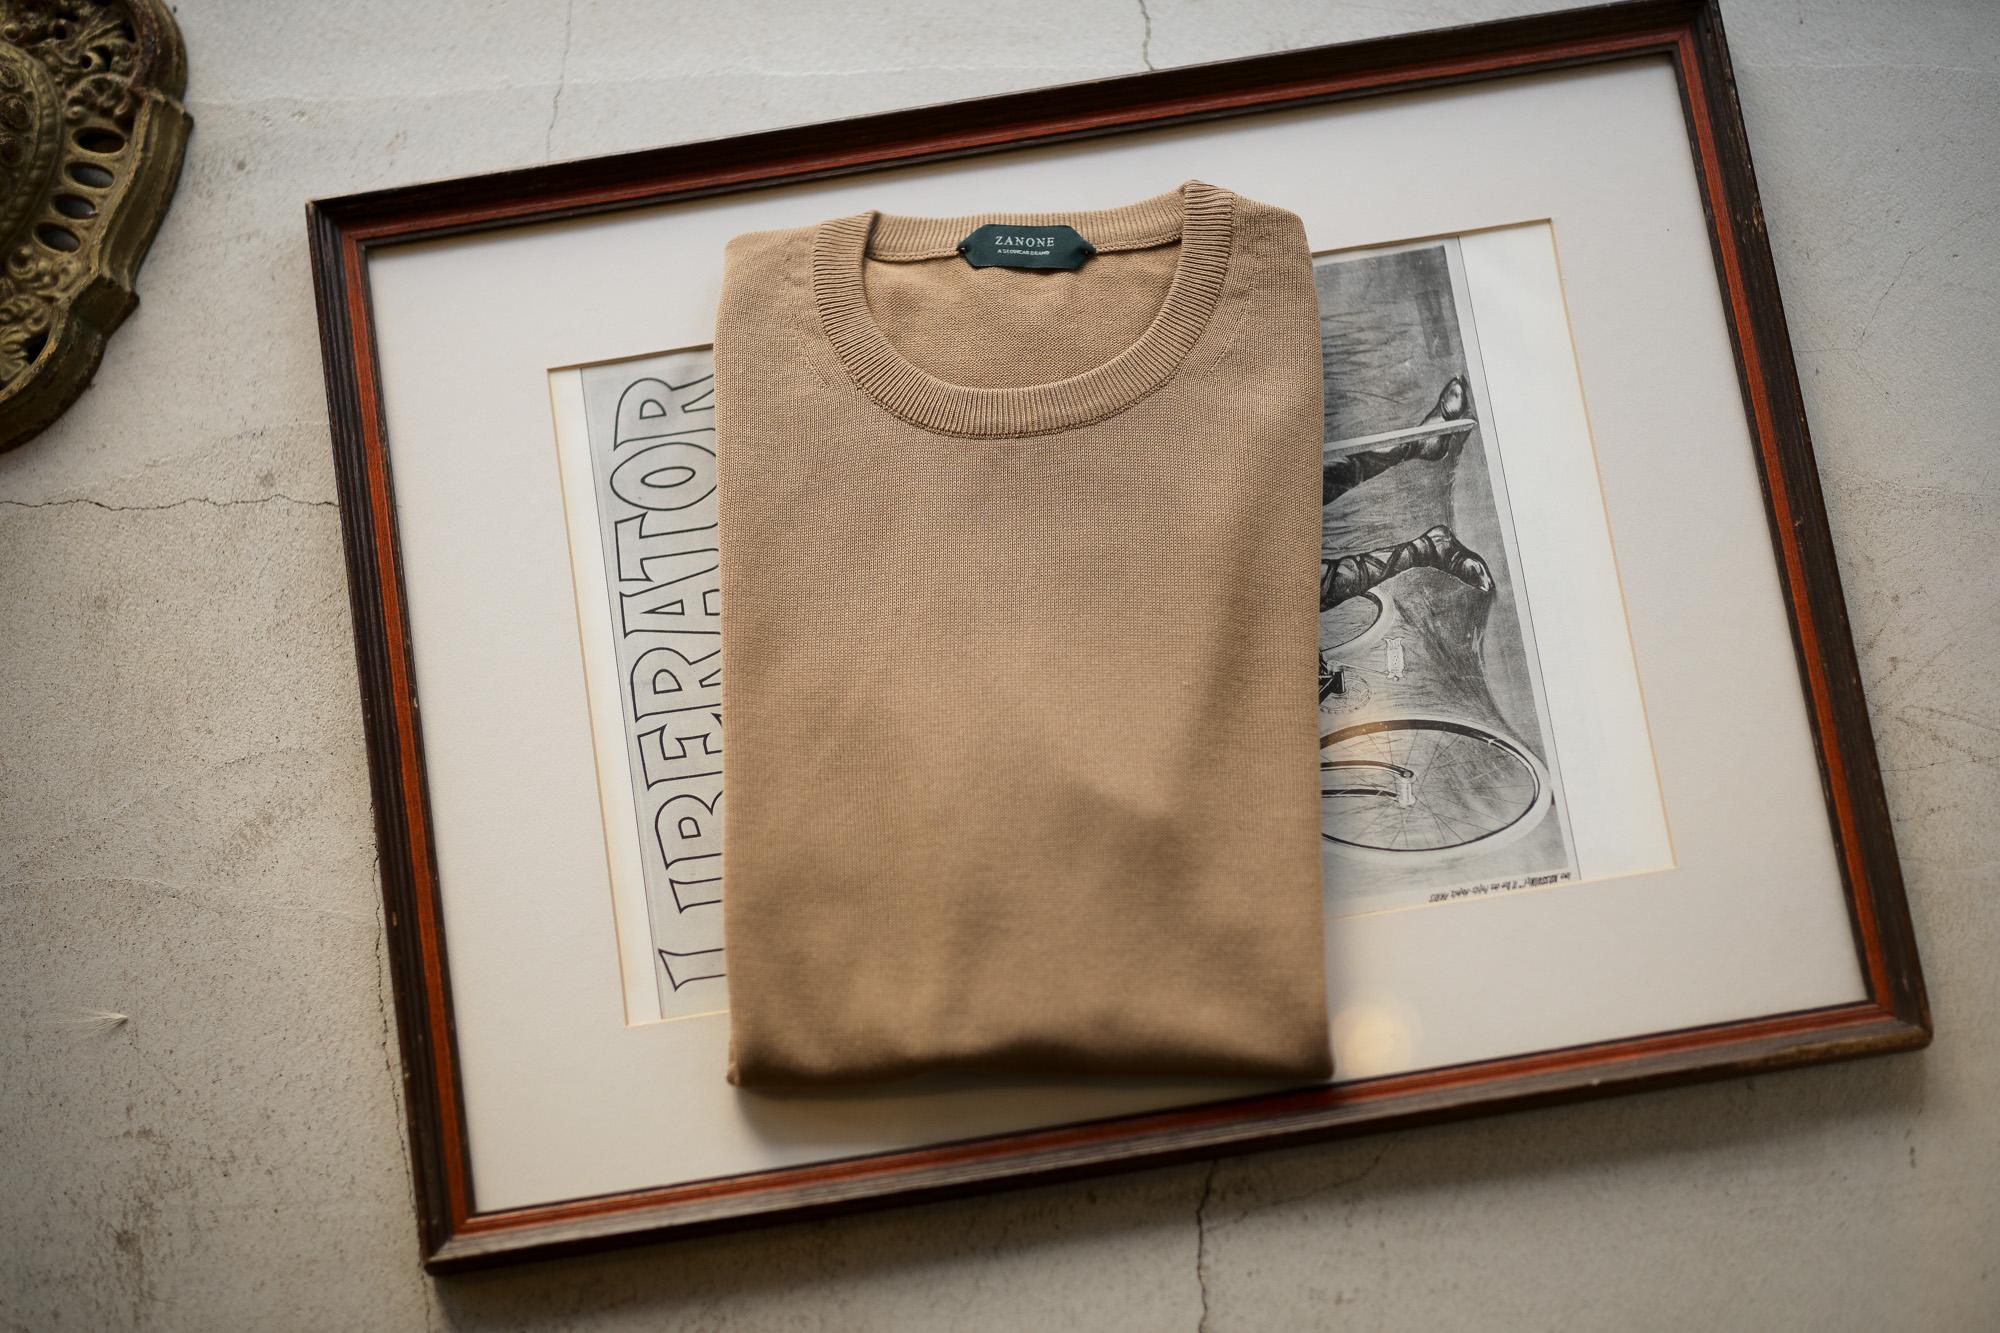 ZANONE (ザノーネ) Crew Neck Sweater (クルーネックセーター) コットンニット サマーセーター BEIGE (ベージュ・Z0866) made in italy (イタリア製) 2019 秋冬新作 愛知 名古屋 altoediritto アルトエデリット